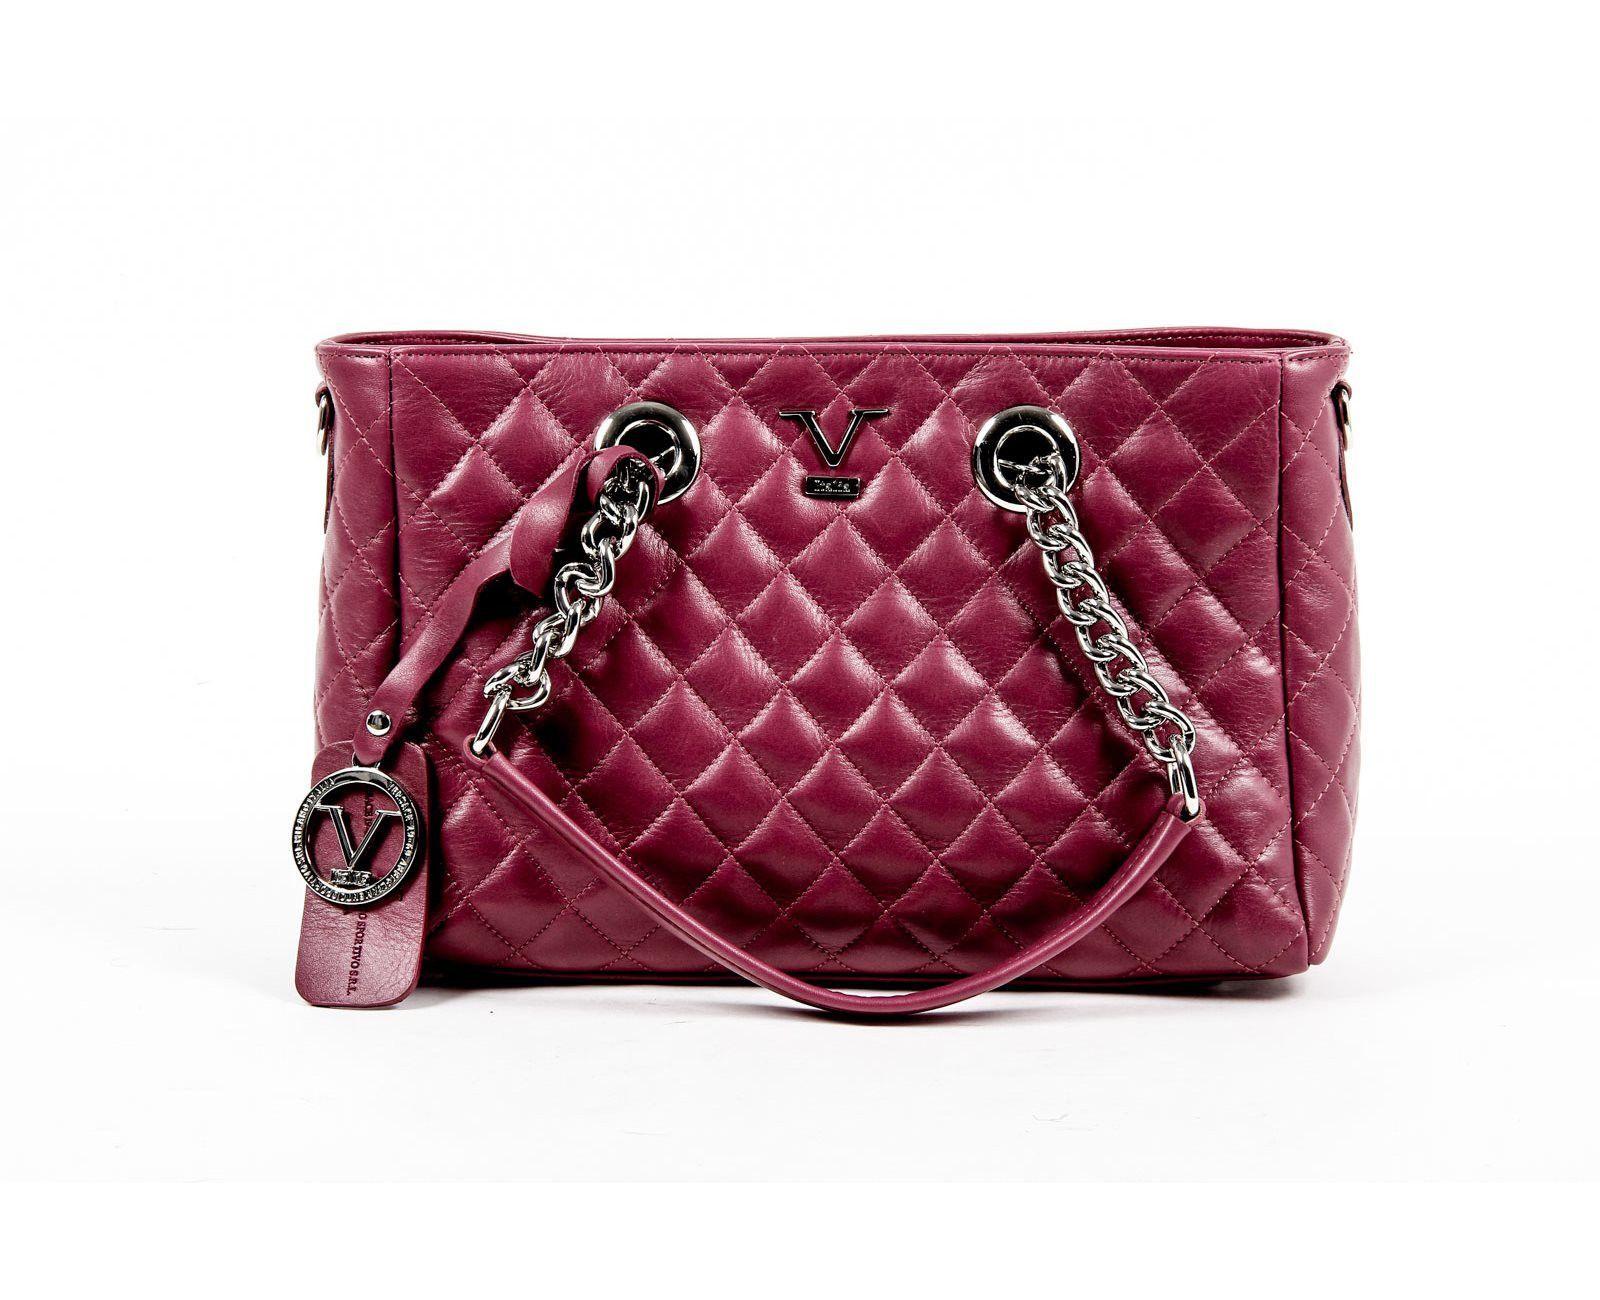 c3f8b038f1ca Versace 19.69 Abbigliamento Sportivo Srl Milano Italia Womens Handbag V011  S PLUM